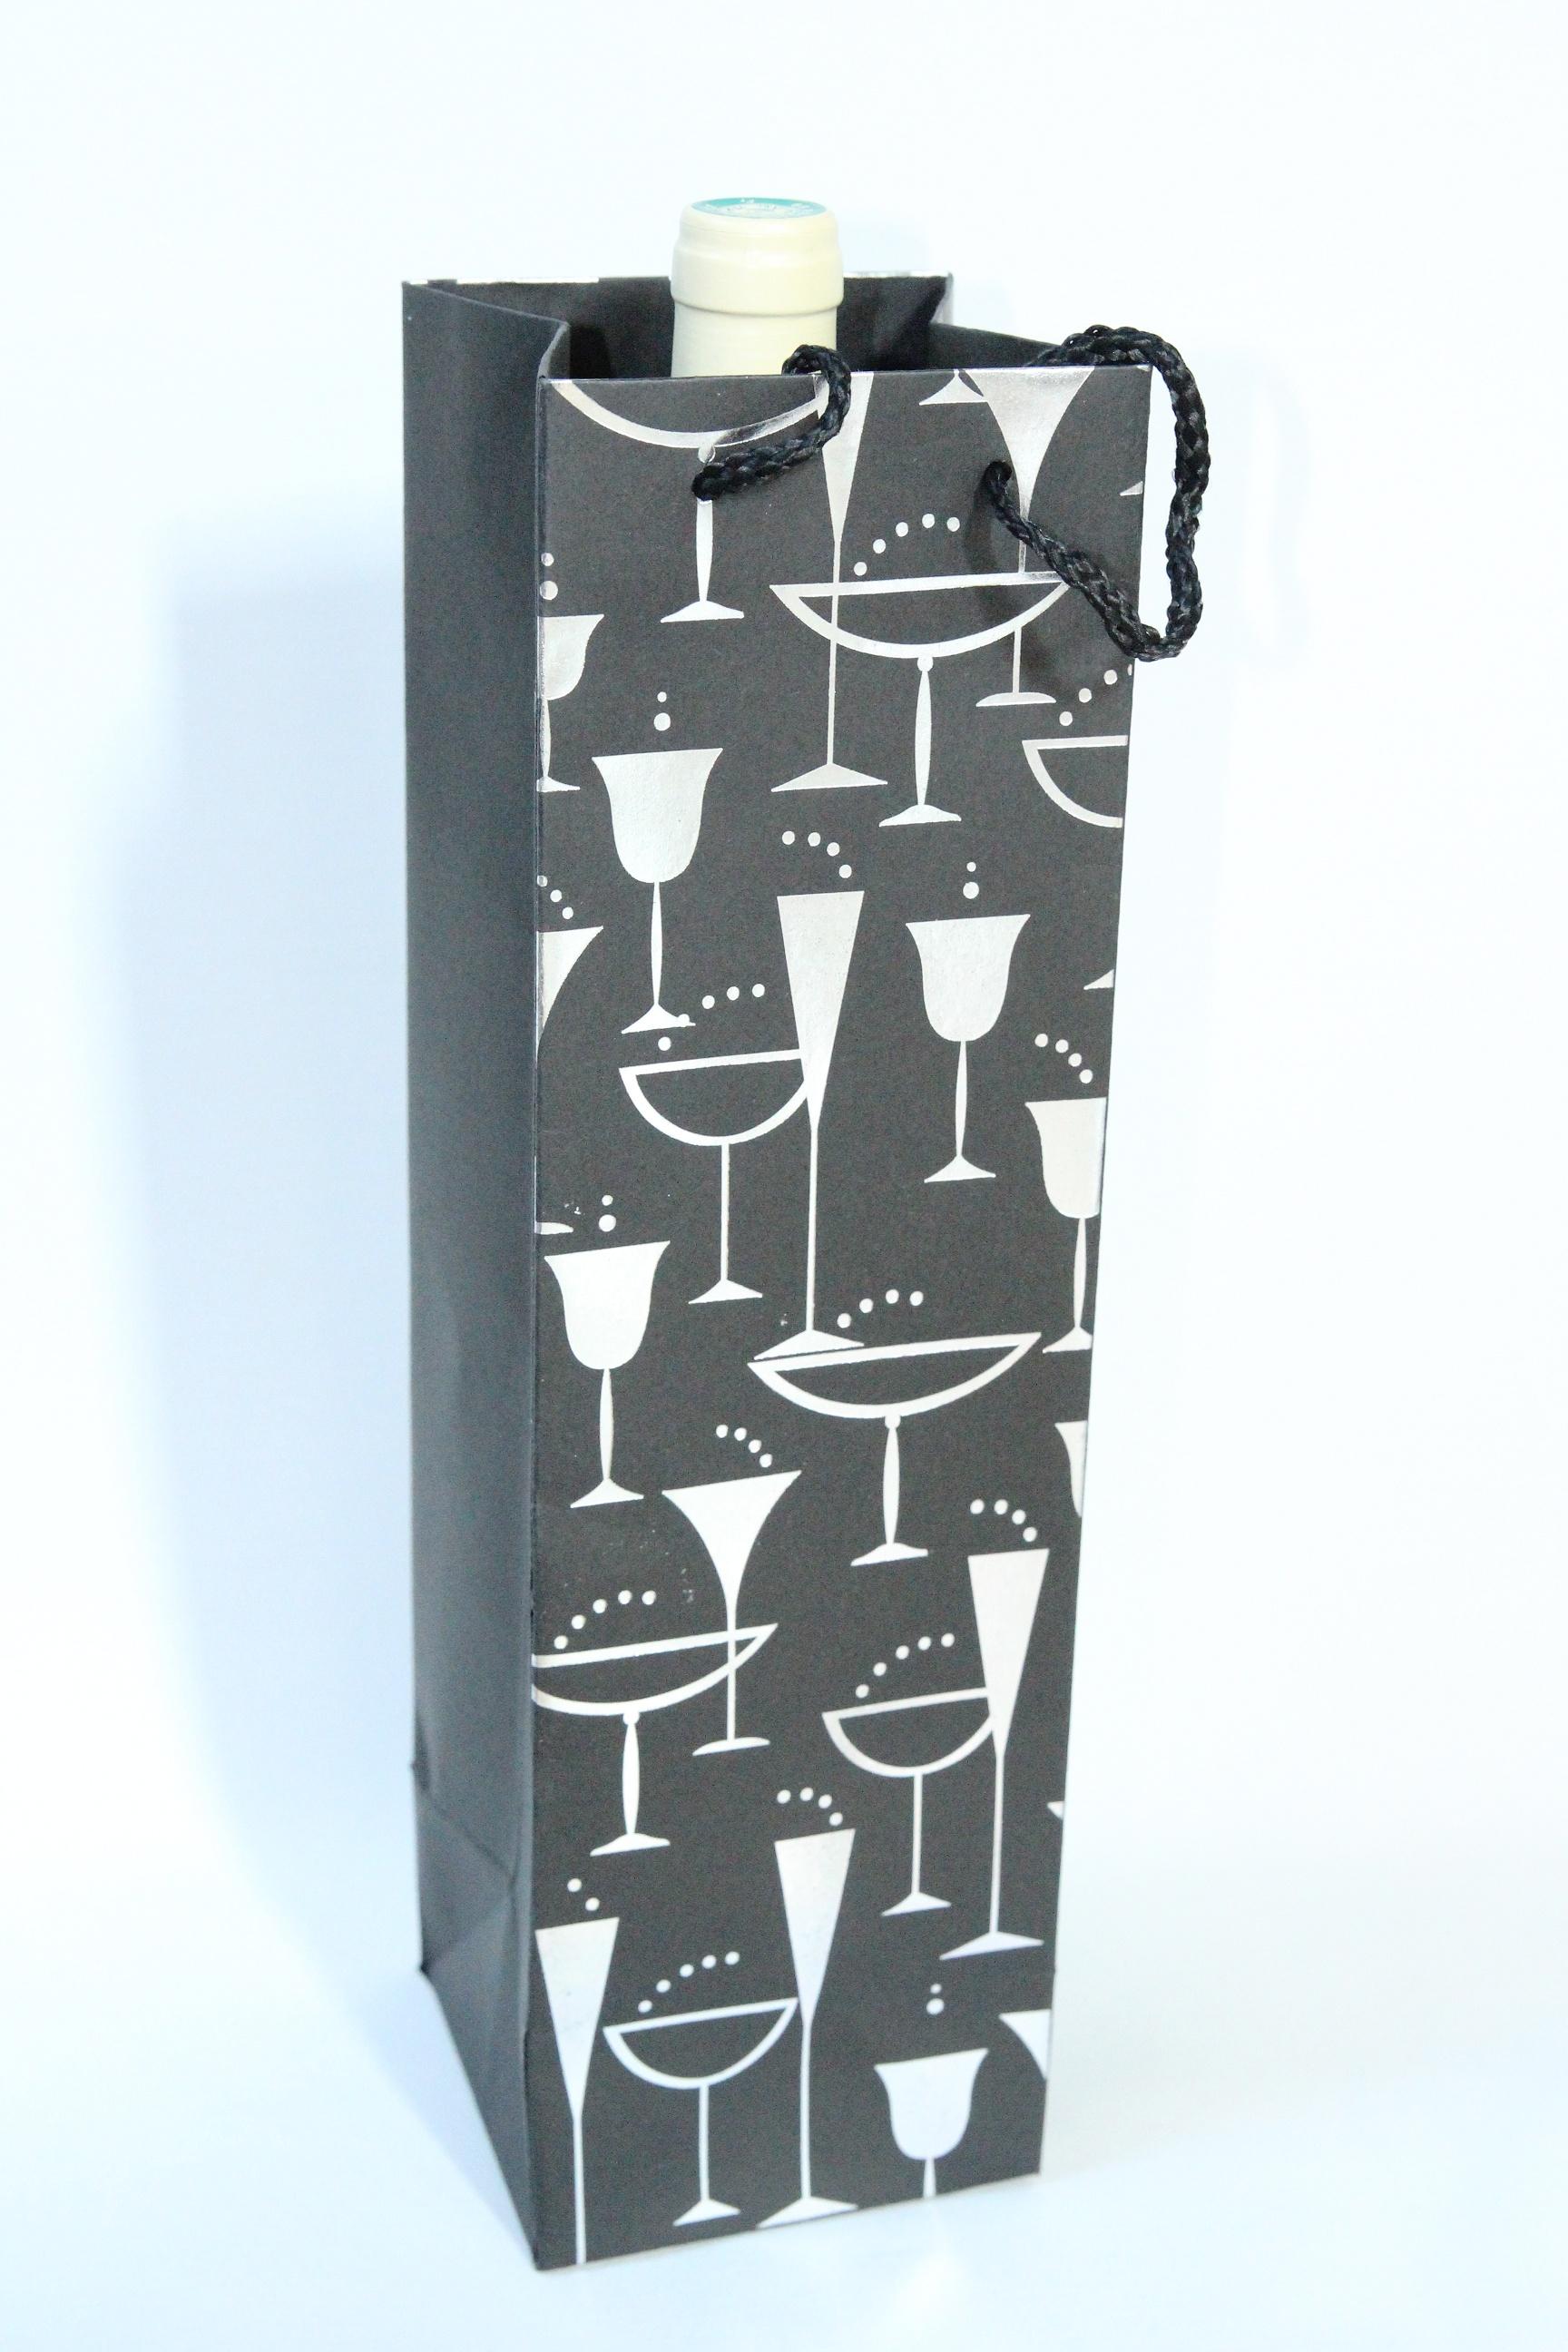 sac cadeau pour bouteille papier cadeau original. Black Bedroom Furniture Sets. Home Design Ideas